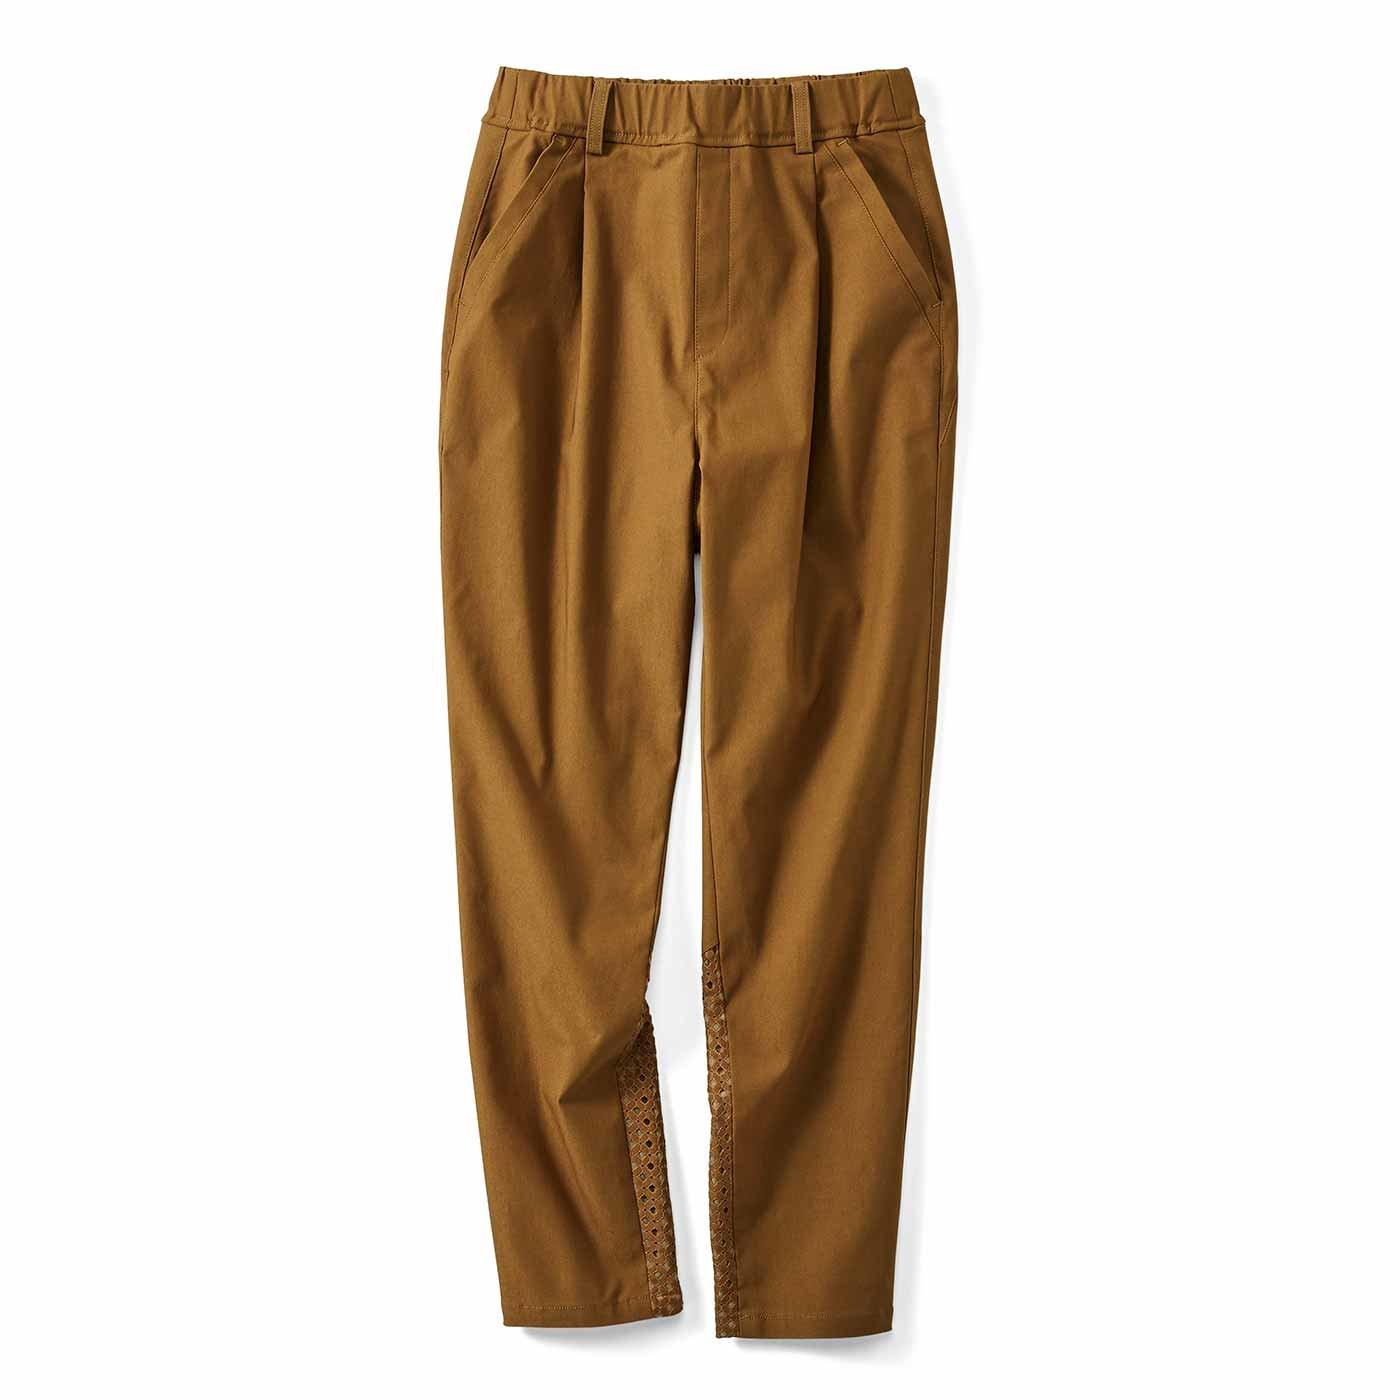 【3~10日でお届け】IEDIT[イディット] 歩くたびに空気が通る涼やかパンツ 美脚テーパード〈キャメル〉